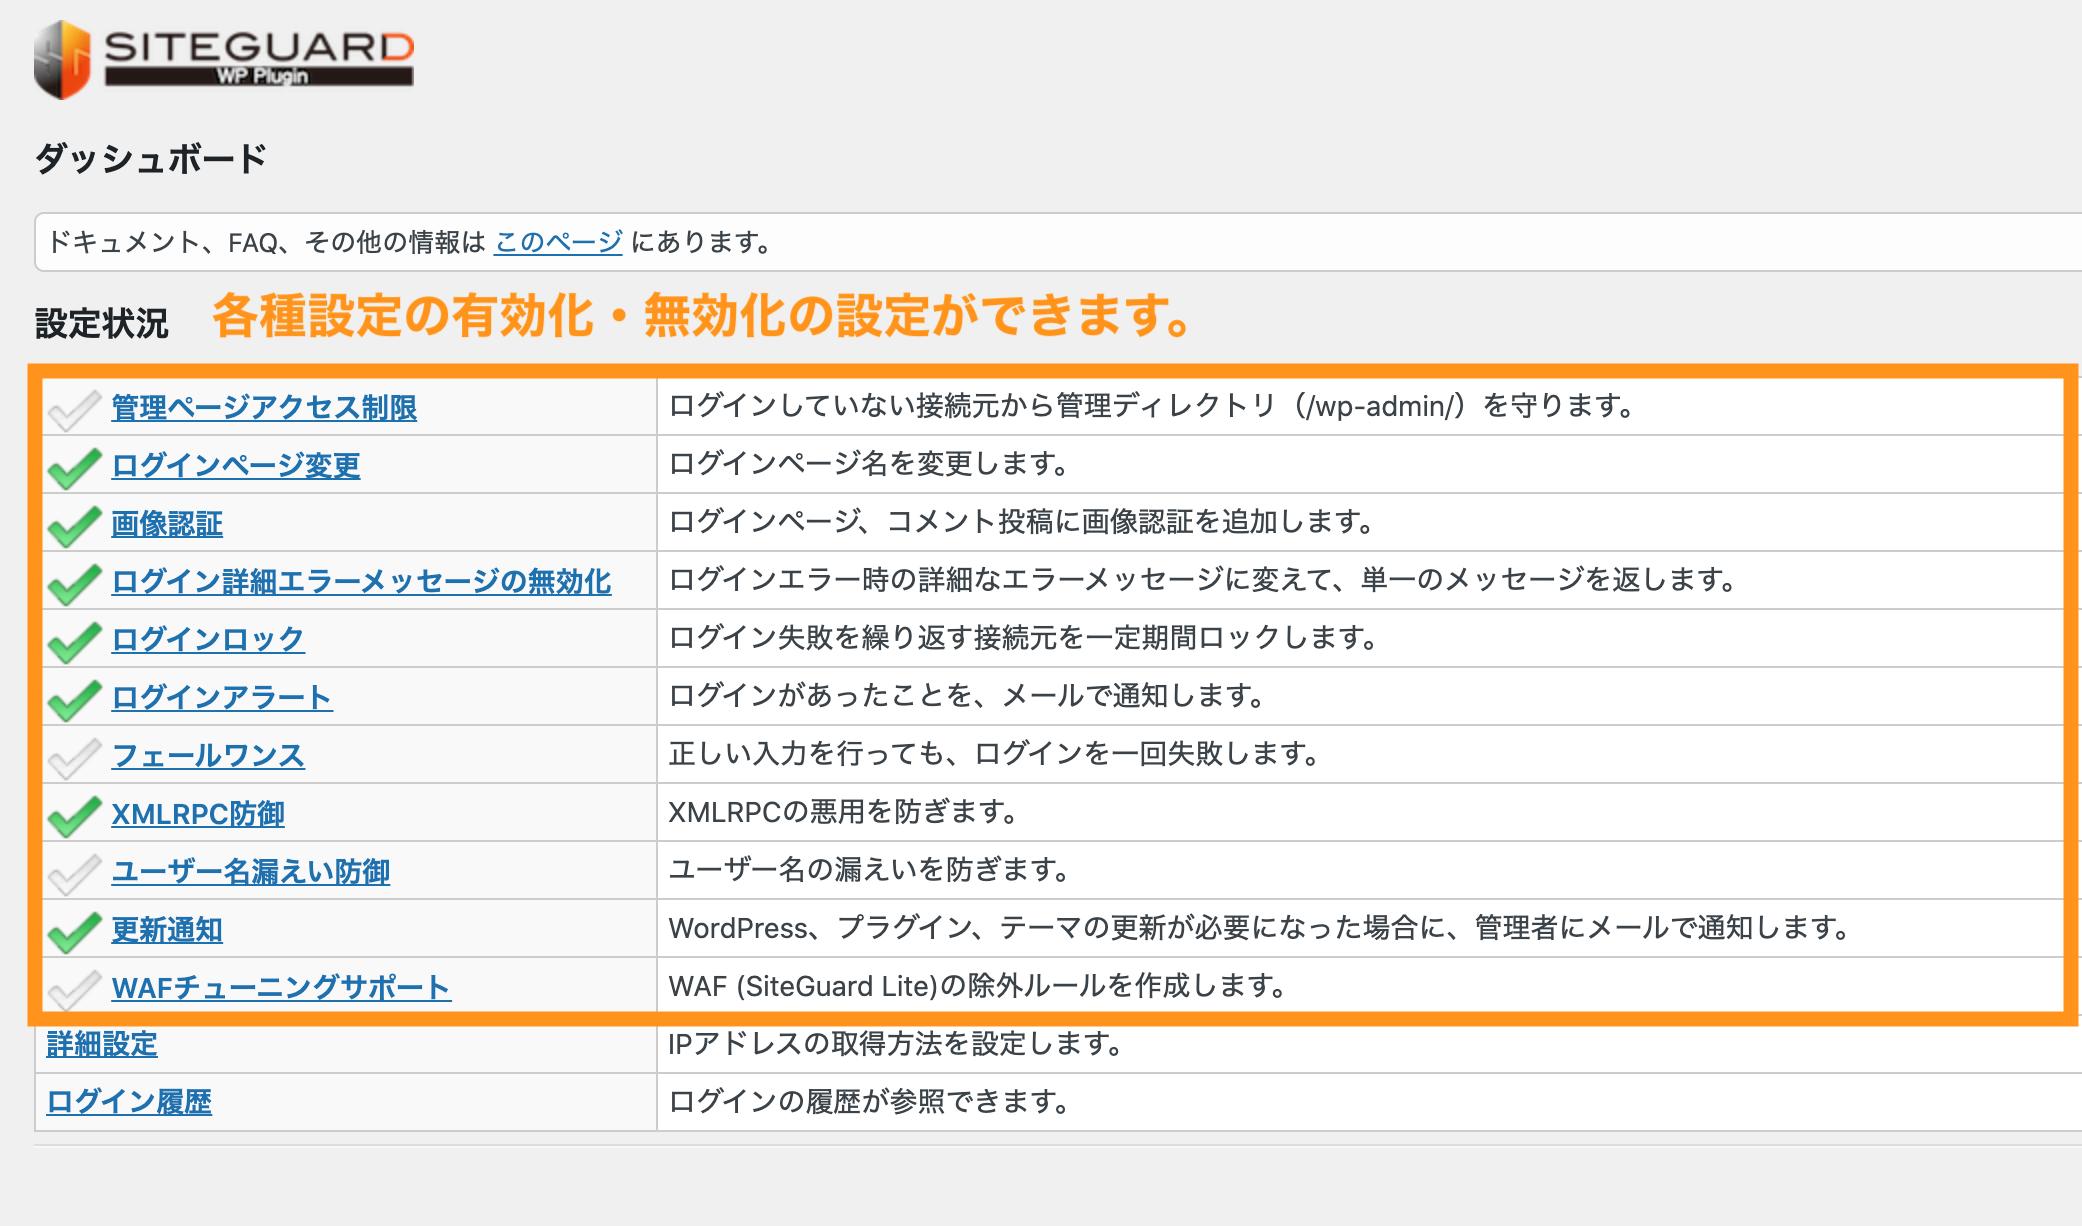 SiteGuardの設定項目